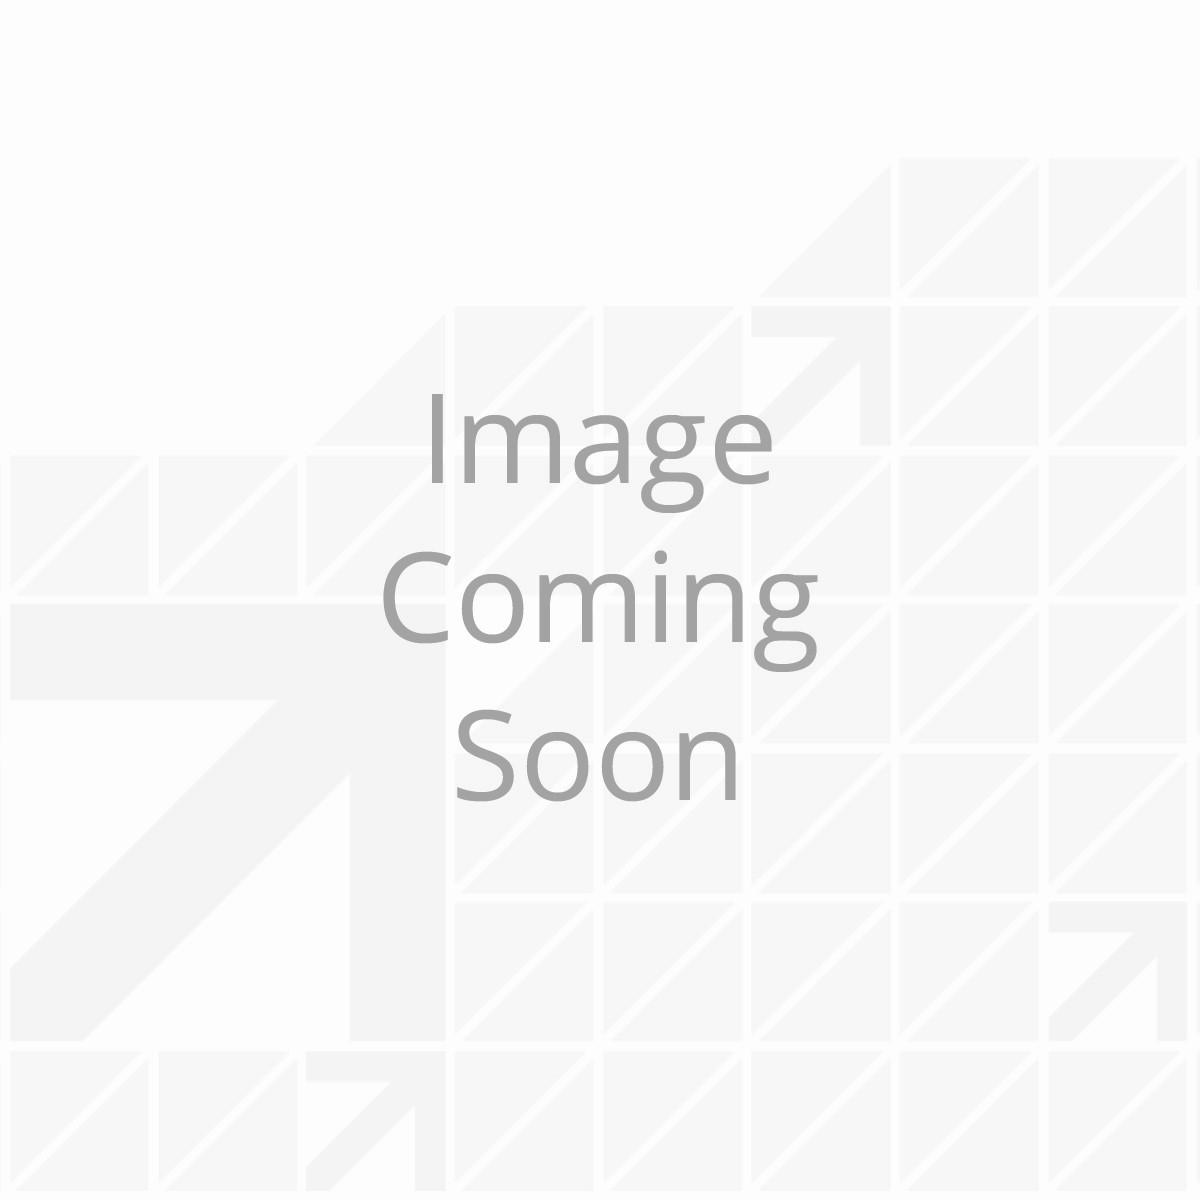 bolt 5 8 11 x 2. Black Bedroom Furniture Sets. Home Design Ideas